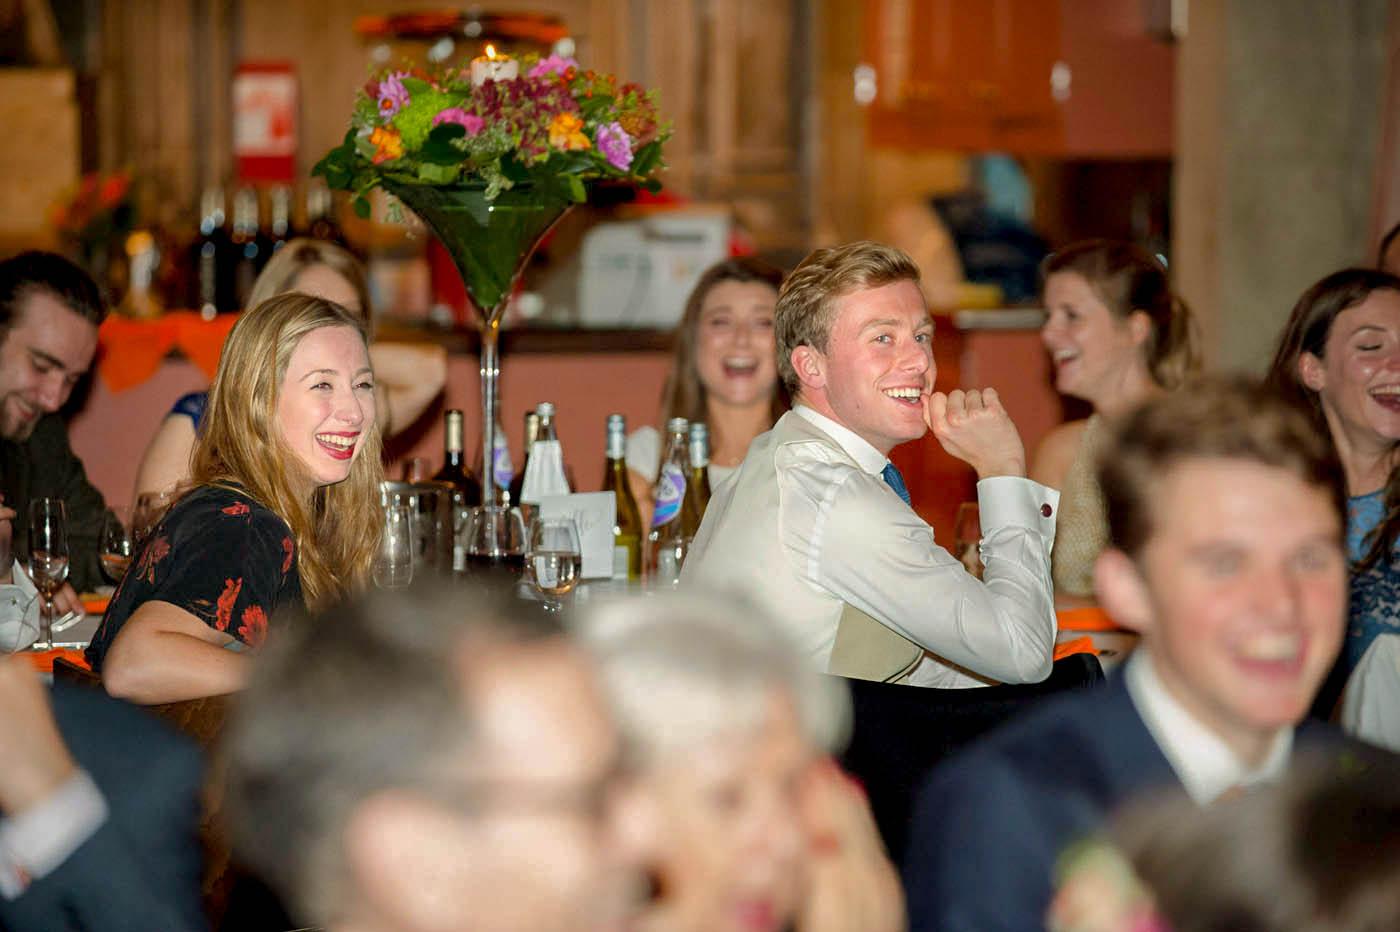 WEDDING-GUETS-DURING-BESTMAN-SPEECH.jpg